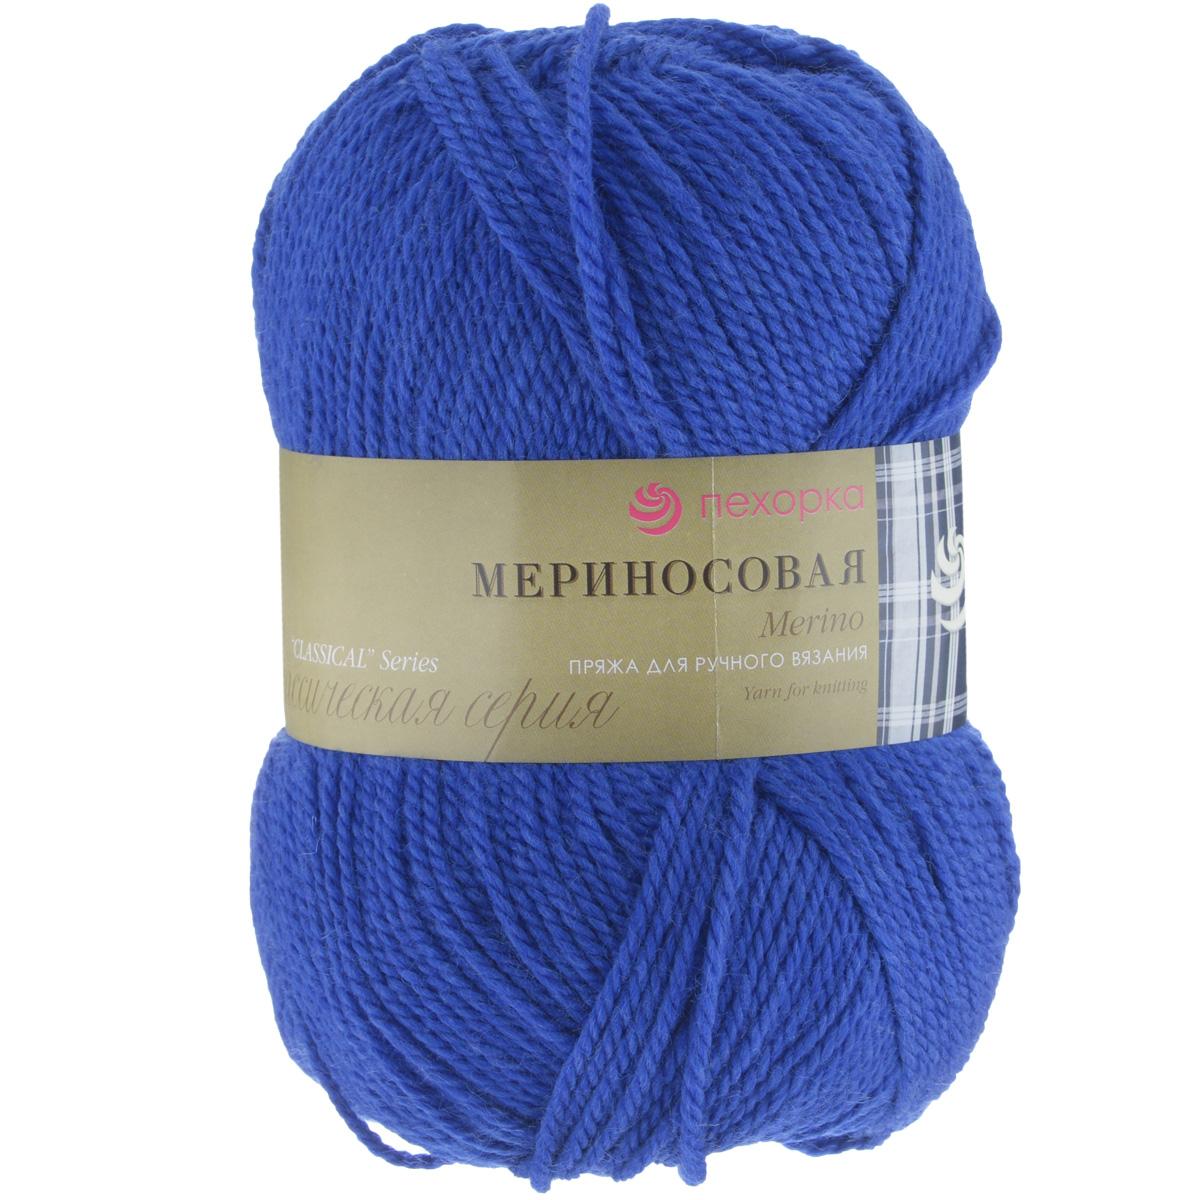 Пряжа для вязания Пехорка Мериносовая, цвет: ультрамарин (491), 200 м, 100 г, 10 шт пряжа для вязания пехорка мериносовая цвет изумрудный 335 200 м 100 г 10 шт